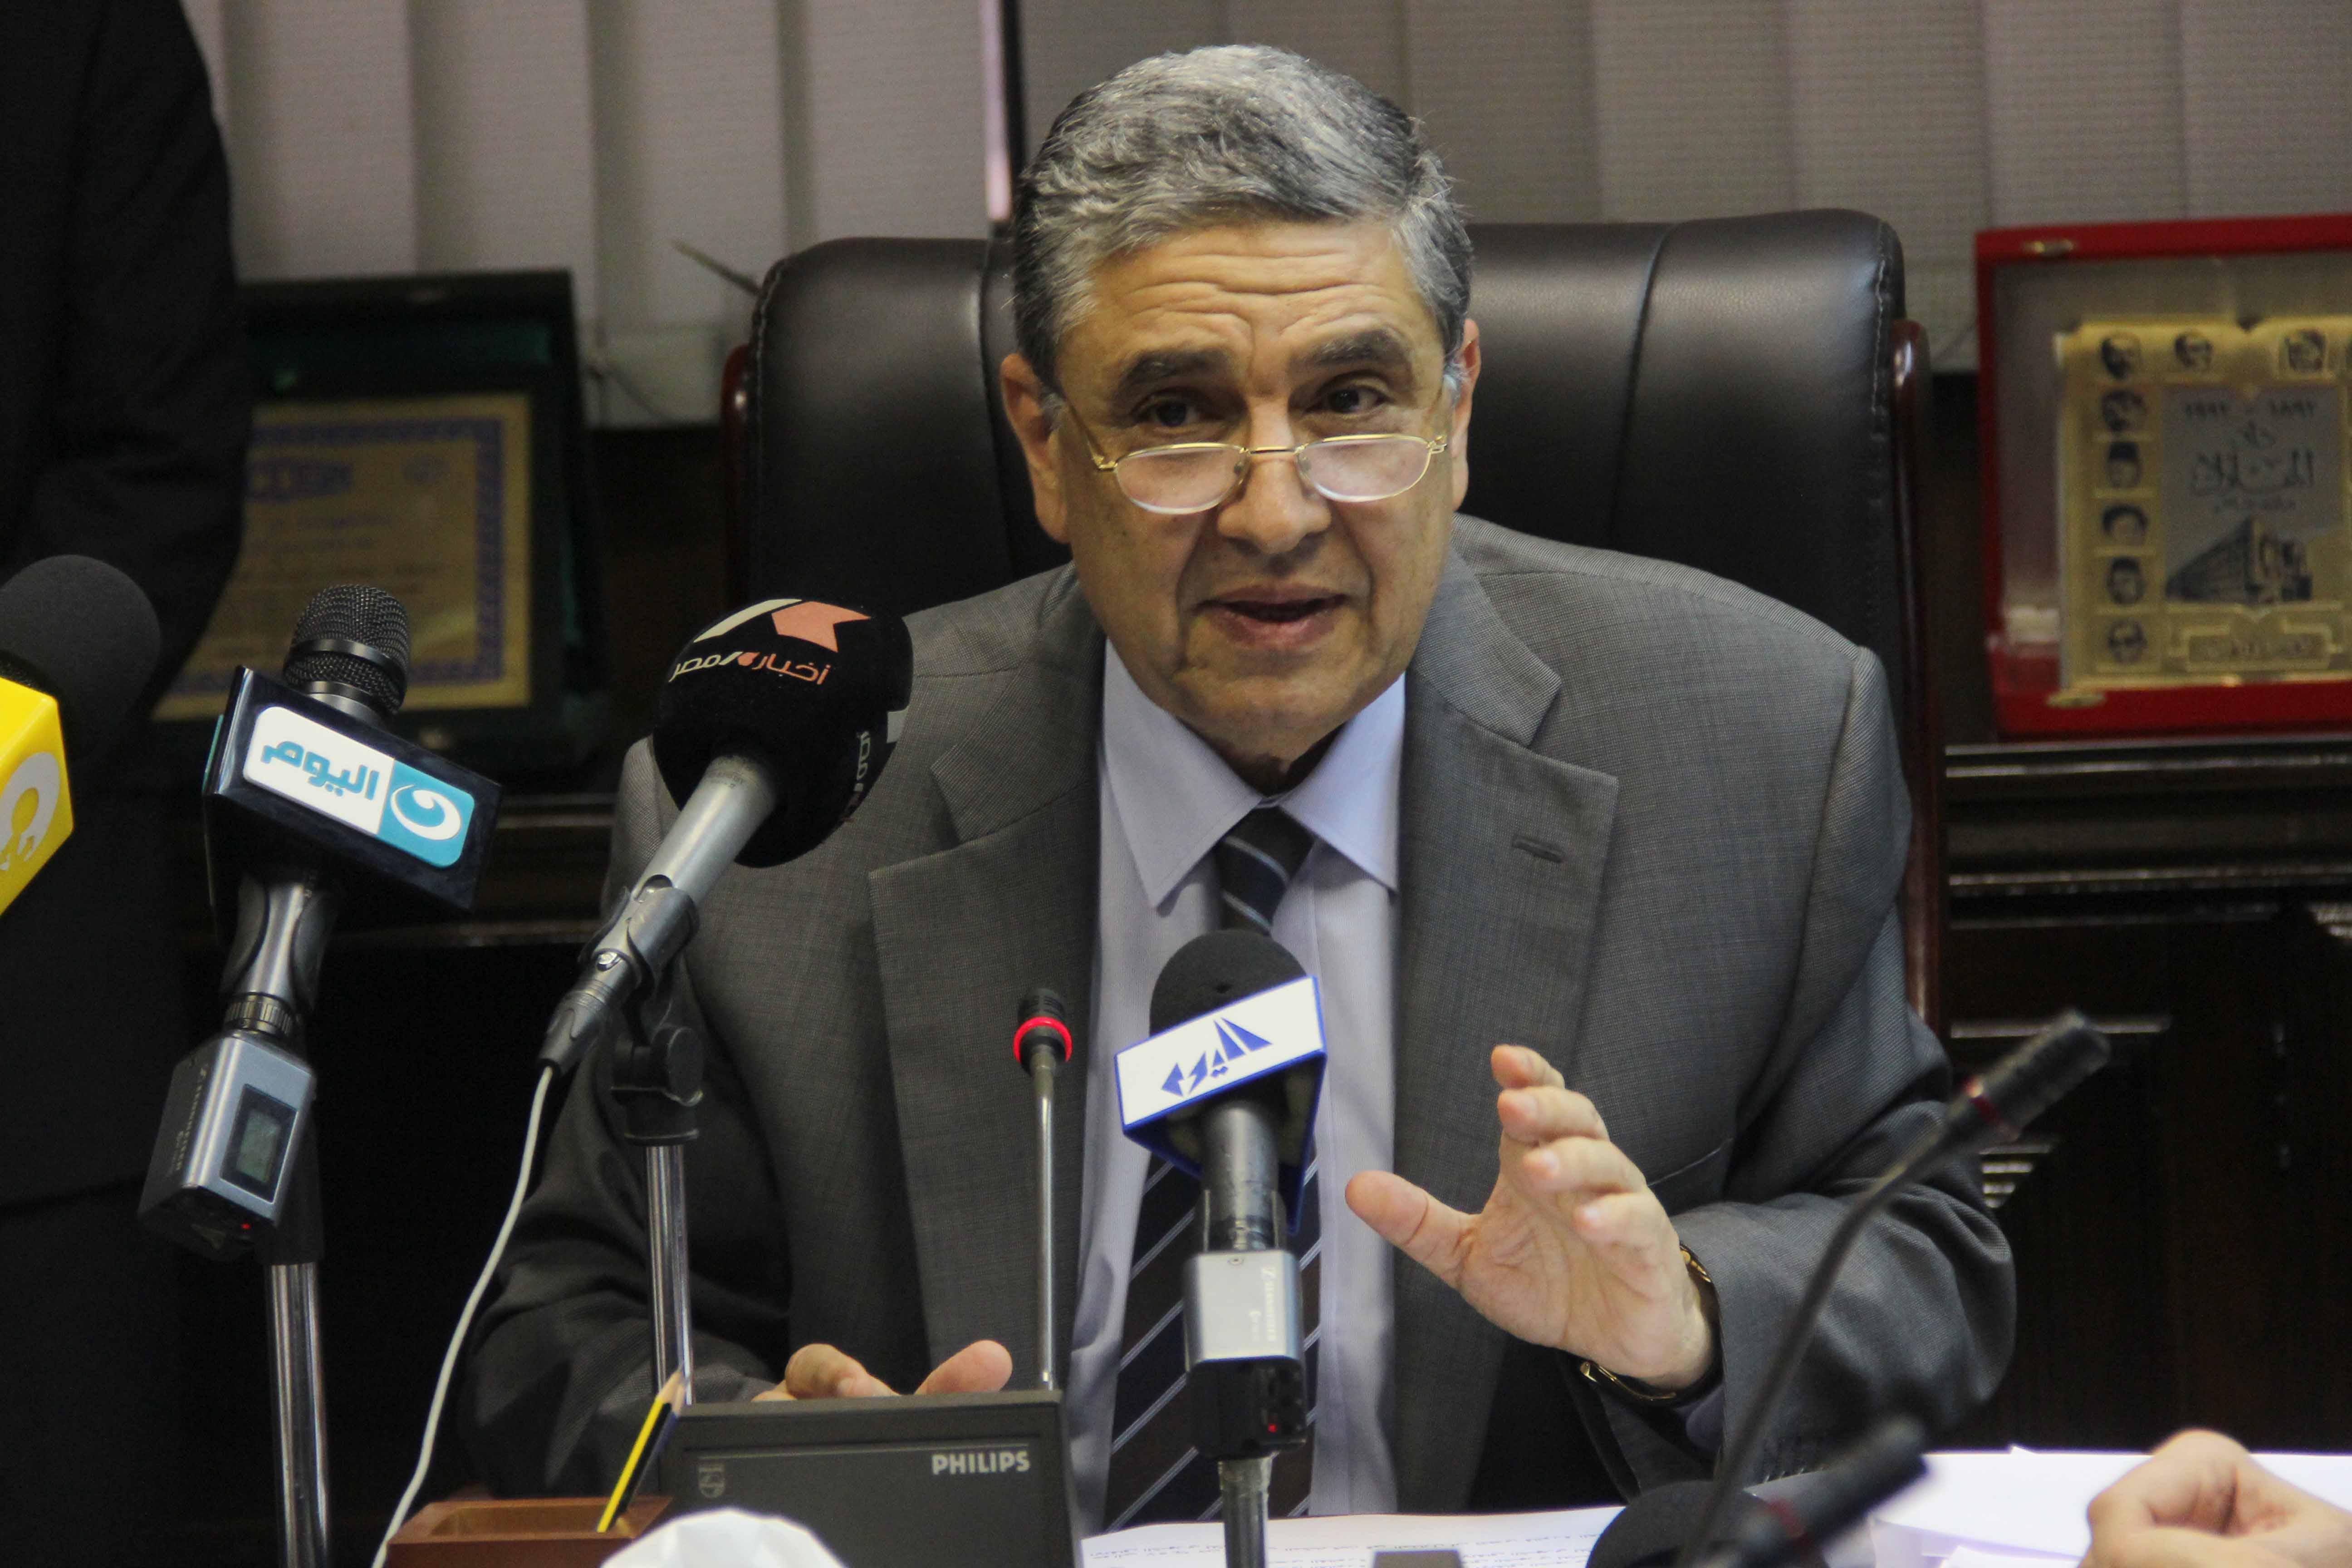 صورة وزير الكهرباء : الناس تشكو من أسعار الفواتير مهما زادت دخولهم